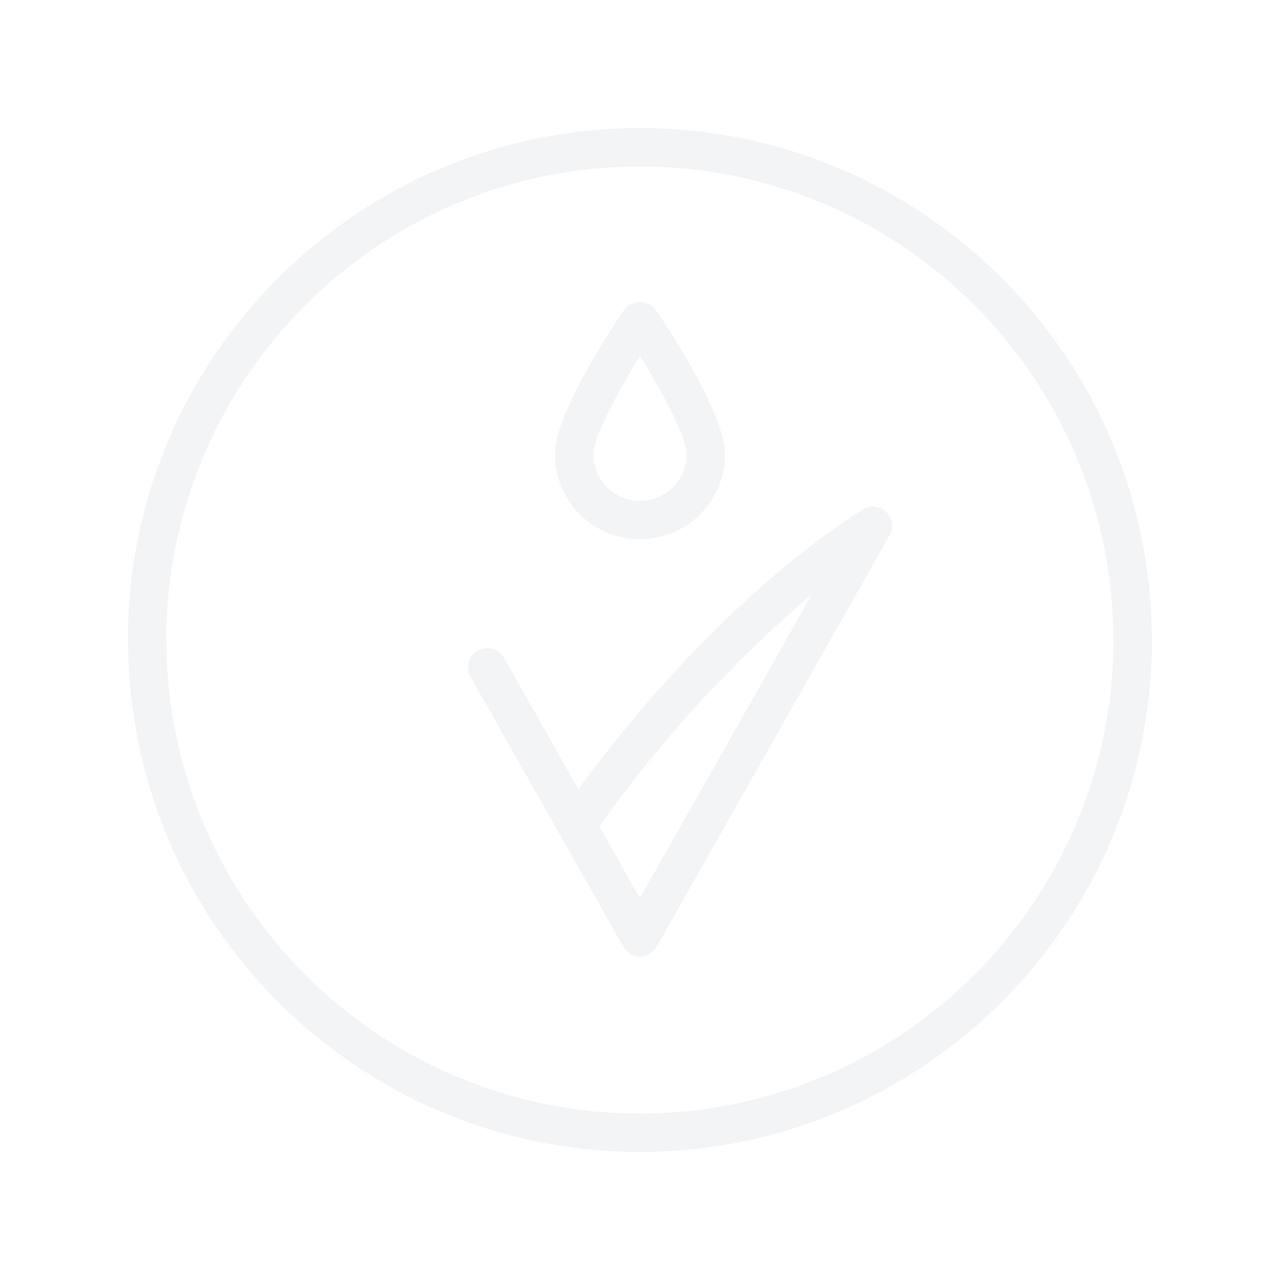 Sleek Makeup Face Contour Kit No.885 Medium 14g